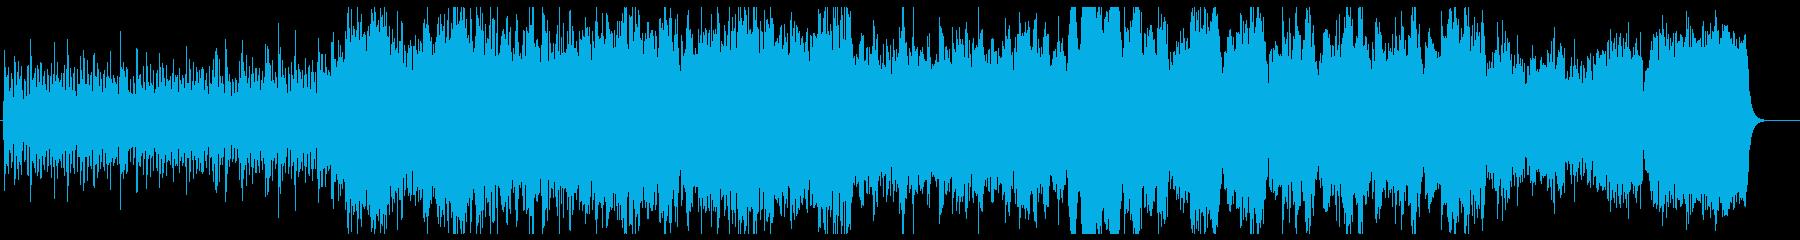 力強く壮大なストリングスの再生済みの波形